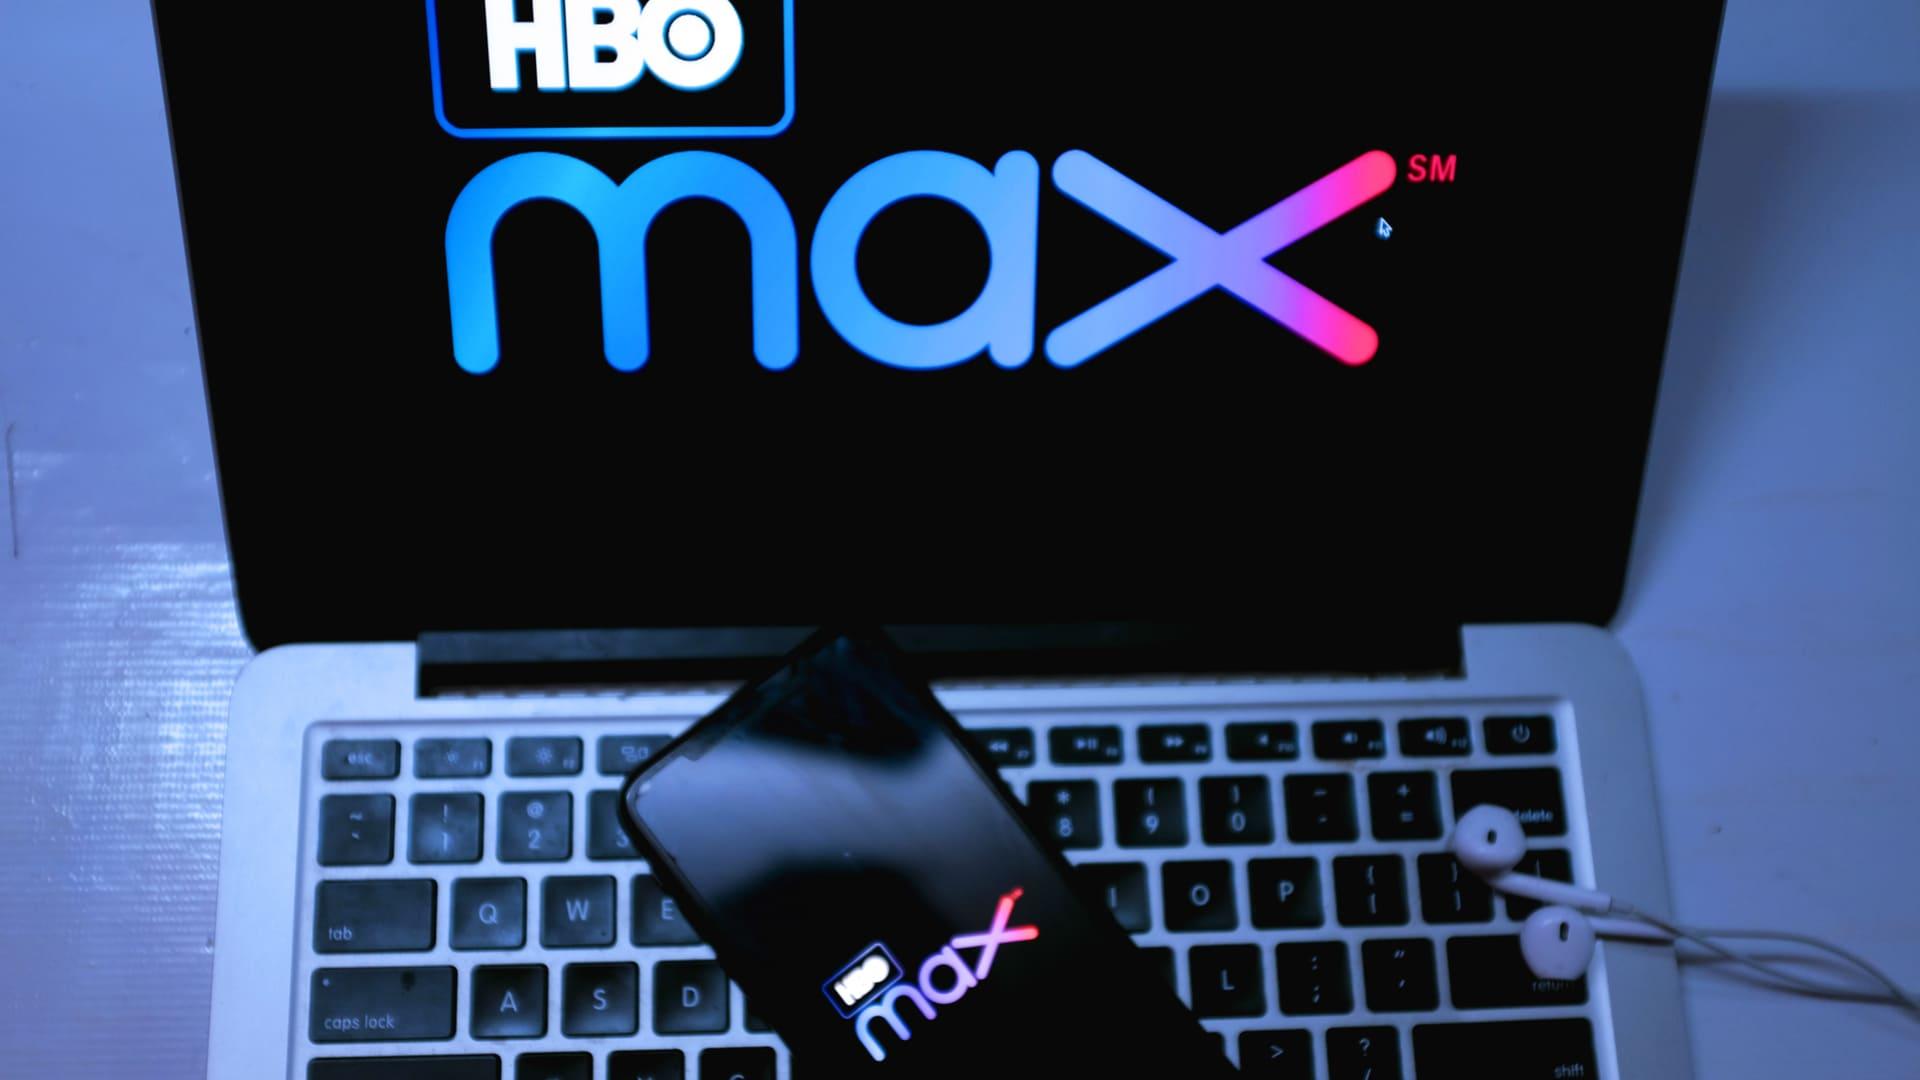 Logomarca do HBO Max na tela de um celular e de um notebook.